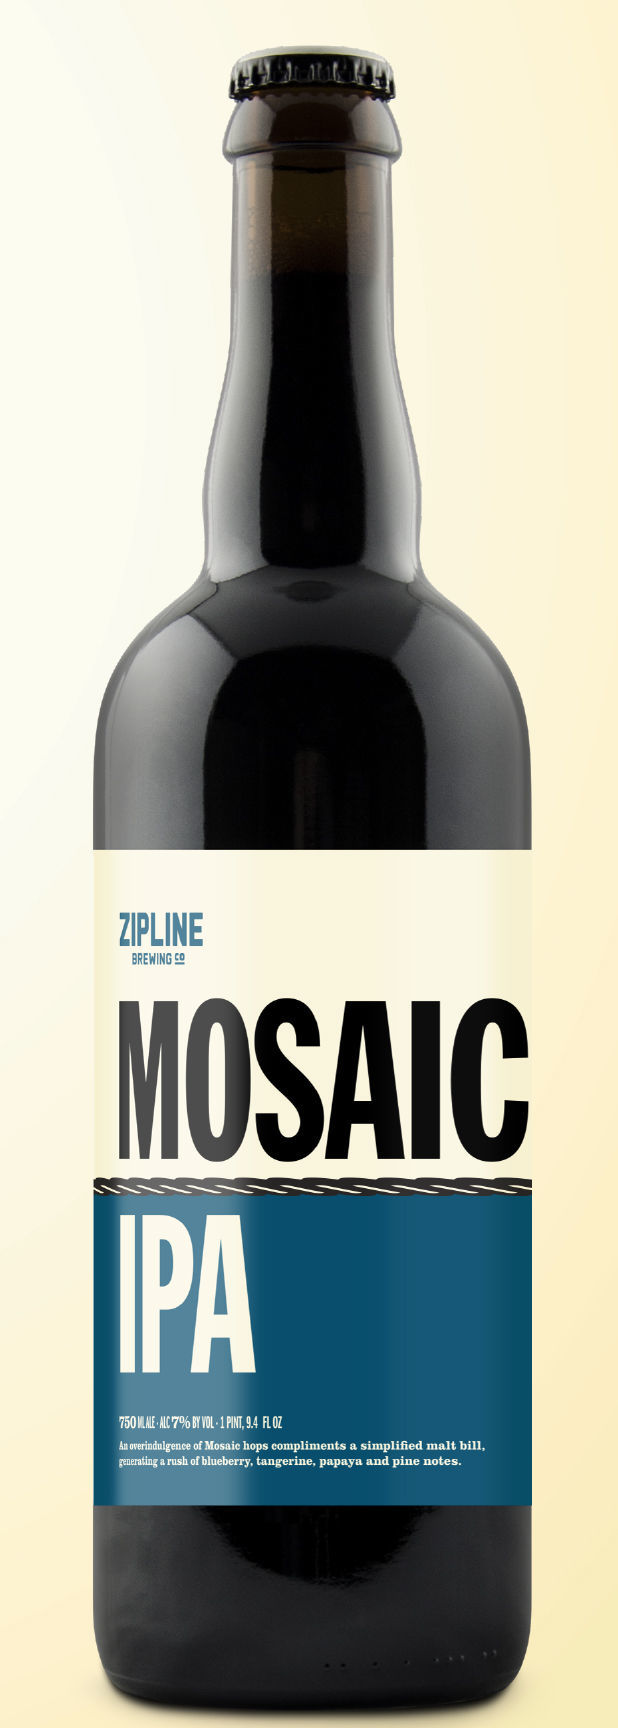 Zipline's Mosaic IPA